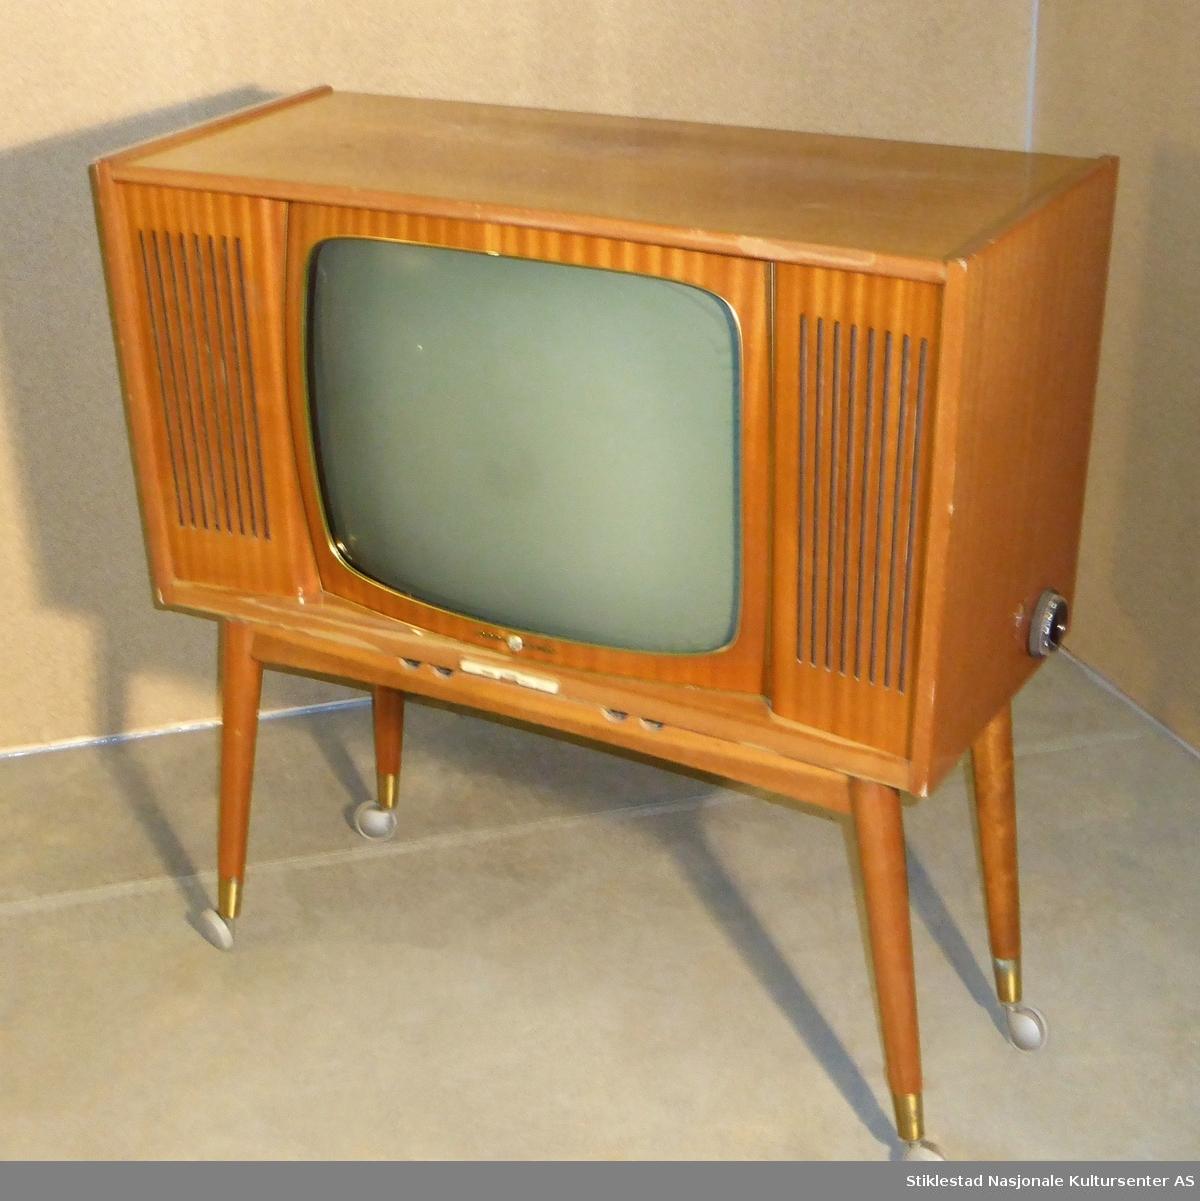 """Tv-apparat fra Tandberg av merket Radionett Grand TV kabinett. Lakkert trekabinett montert på løse bein med hjul som skal skrus fast til tvkasse. Messingholker i nedre del av bein. Stereo tv (høytalere på hver side) med buet skjerm. Messingkrans rundt tv-rute og skjerm.  Hvite betjeningsknapper i plast under skjerm, samt svart stillhjul i plast på høyre side.   """"Den mest etterspurte tv-modell, 23"""" stor billedrør, 2 store konserthøytaler"""" (reklame fra Tandberg 1961)."""